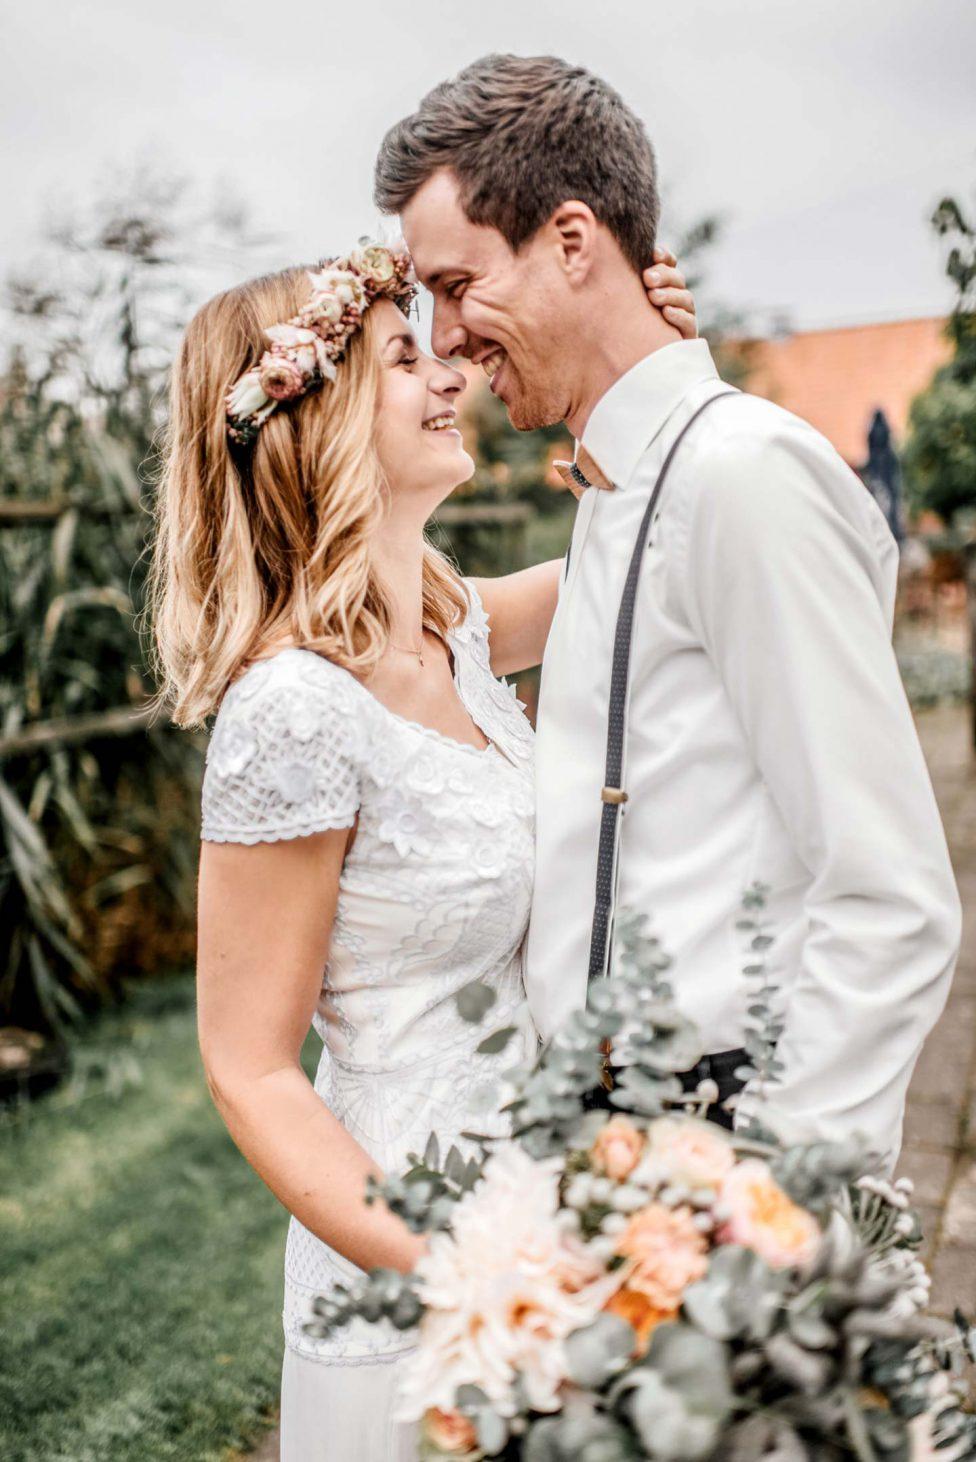 Pfirsichfarbene Hochzeitsinspiration auf dem Land